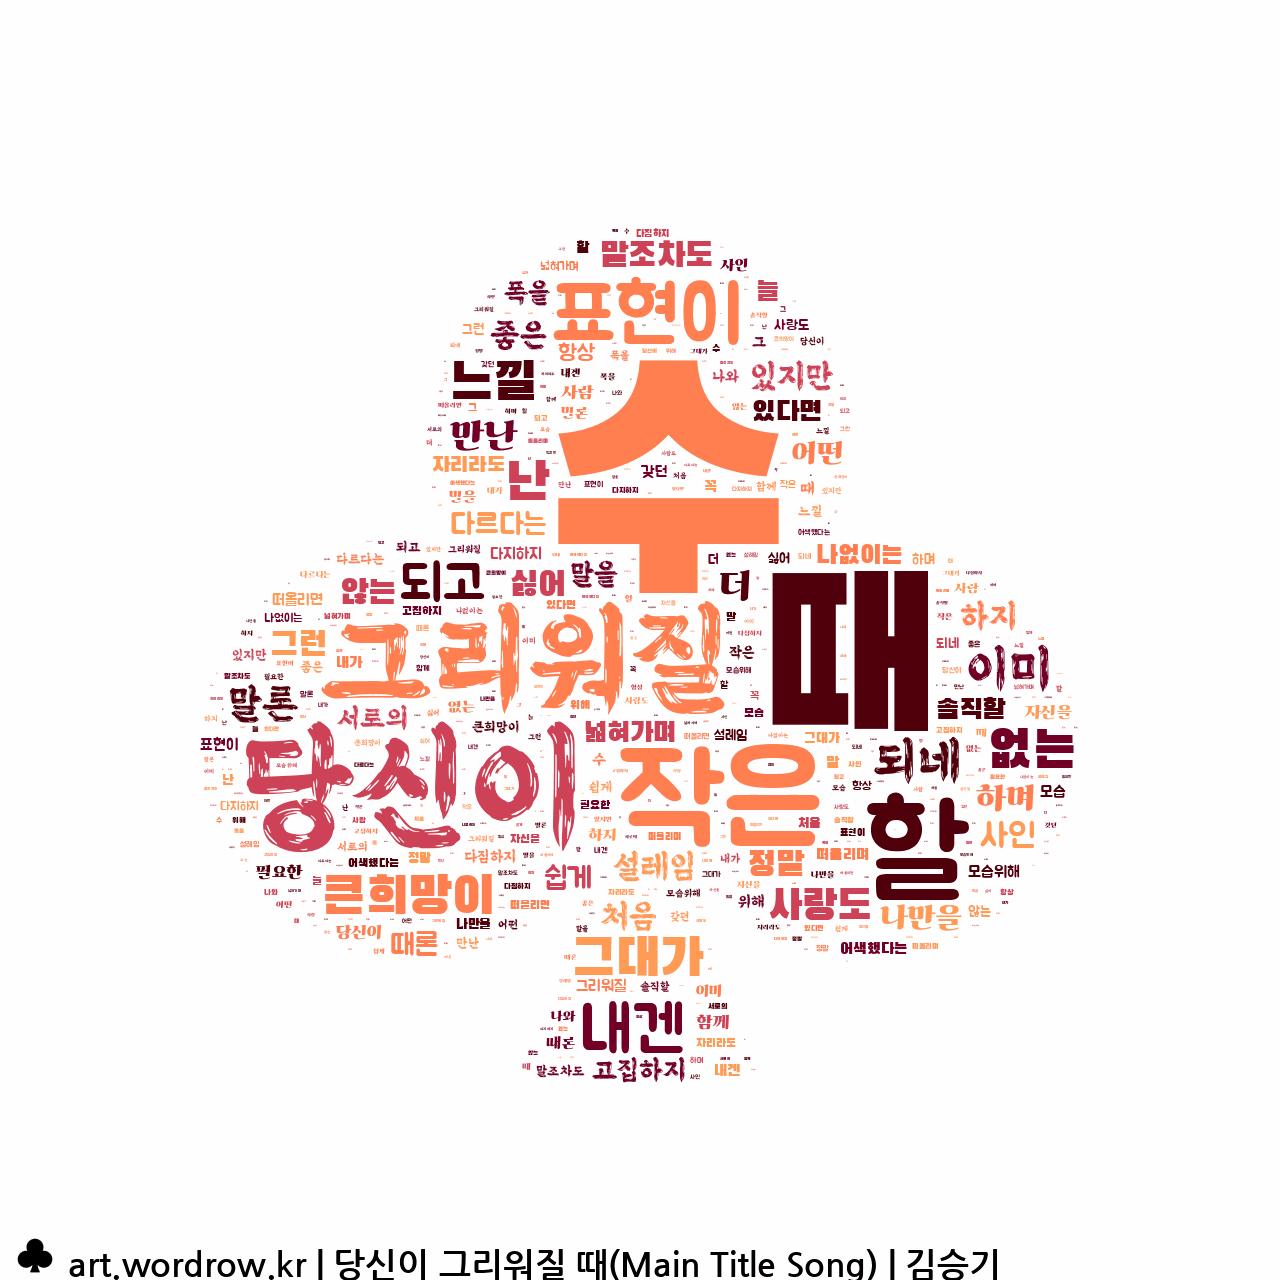 워드 클라우드: 당신이 그리워질 때(Main Title Song) [김승기]-64